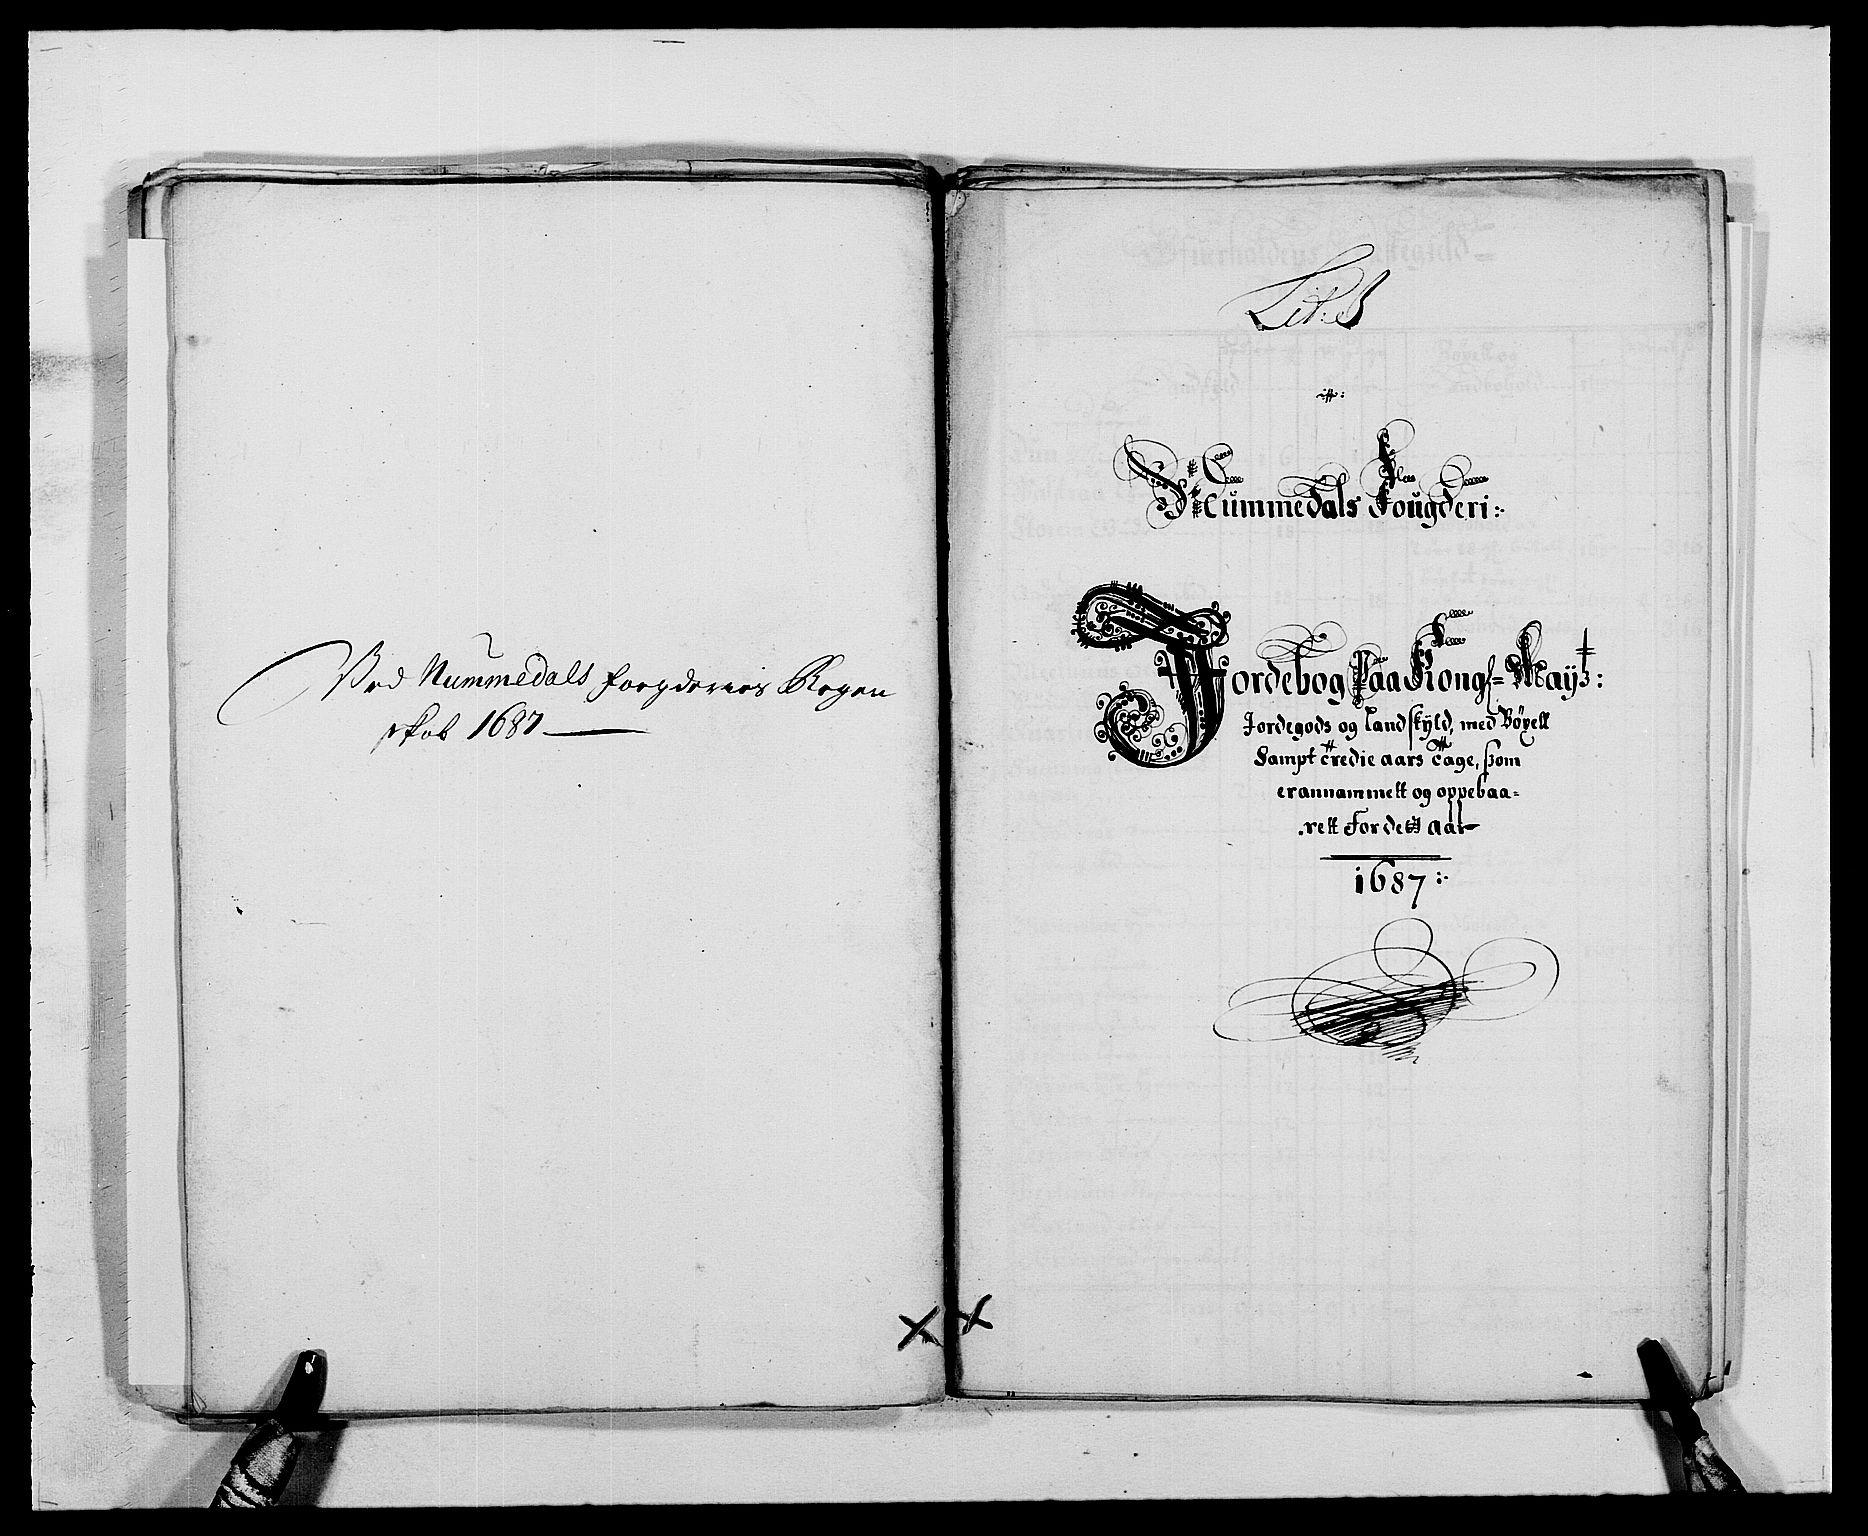 RA, Rentekammeret inntil 1814, Reviderte regnskaper, Fogderegnskap, R64/L4422: Fogderegnskap Namdal, 1687-1689, s. 48